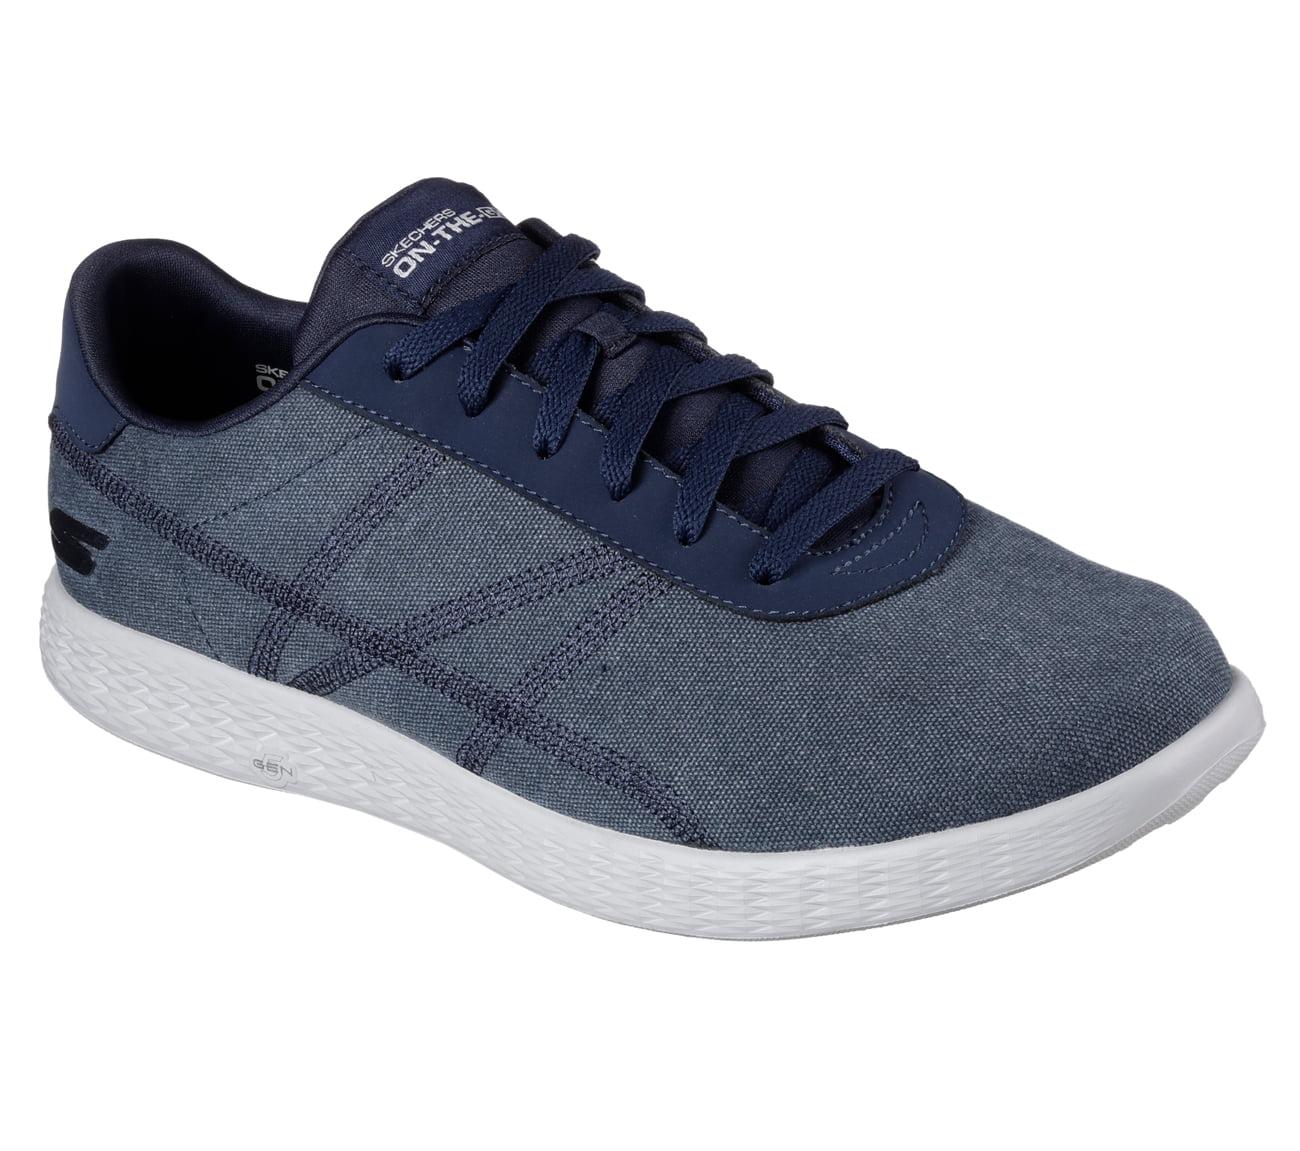 Skechers 53775NVGY Men 's ON THE GO GLIDE - EAZE Walking Shoes